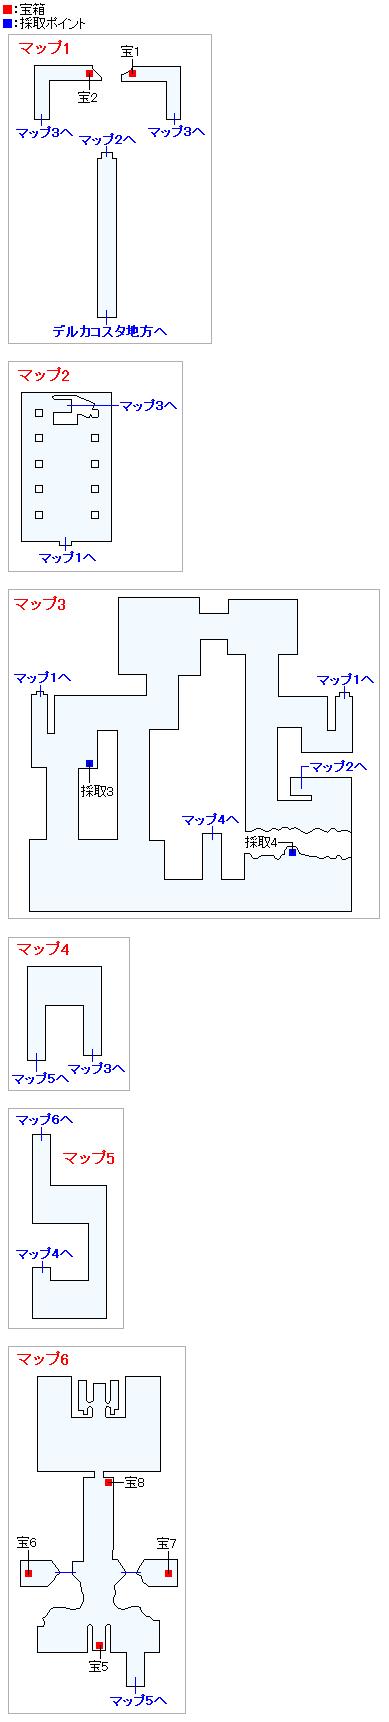 デルカダール神殿(3DSの3Dモード)のマップ画像